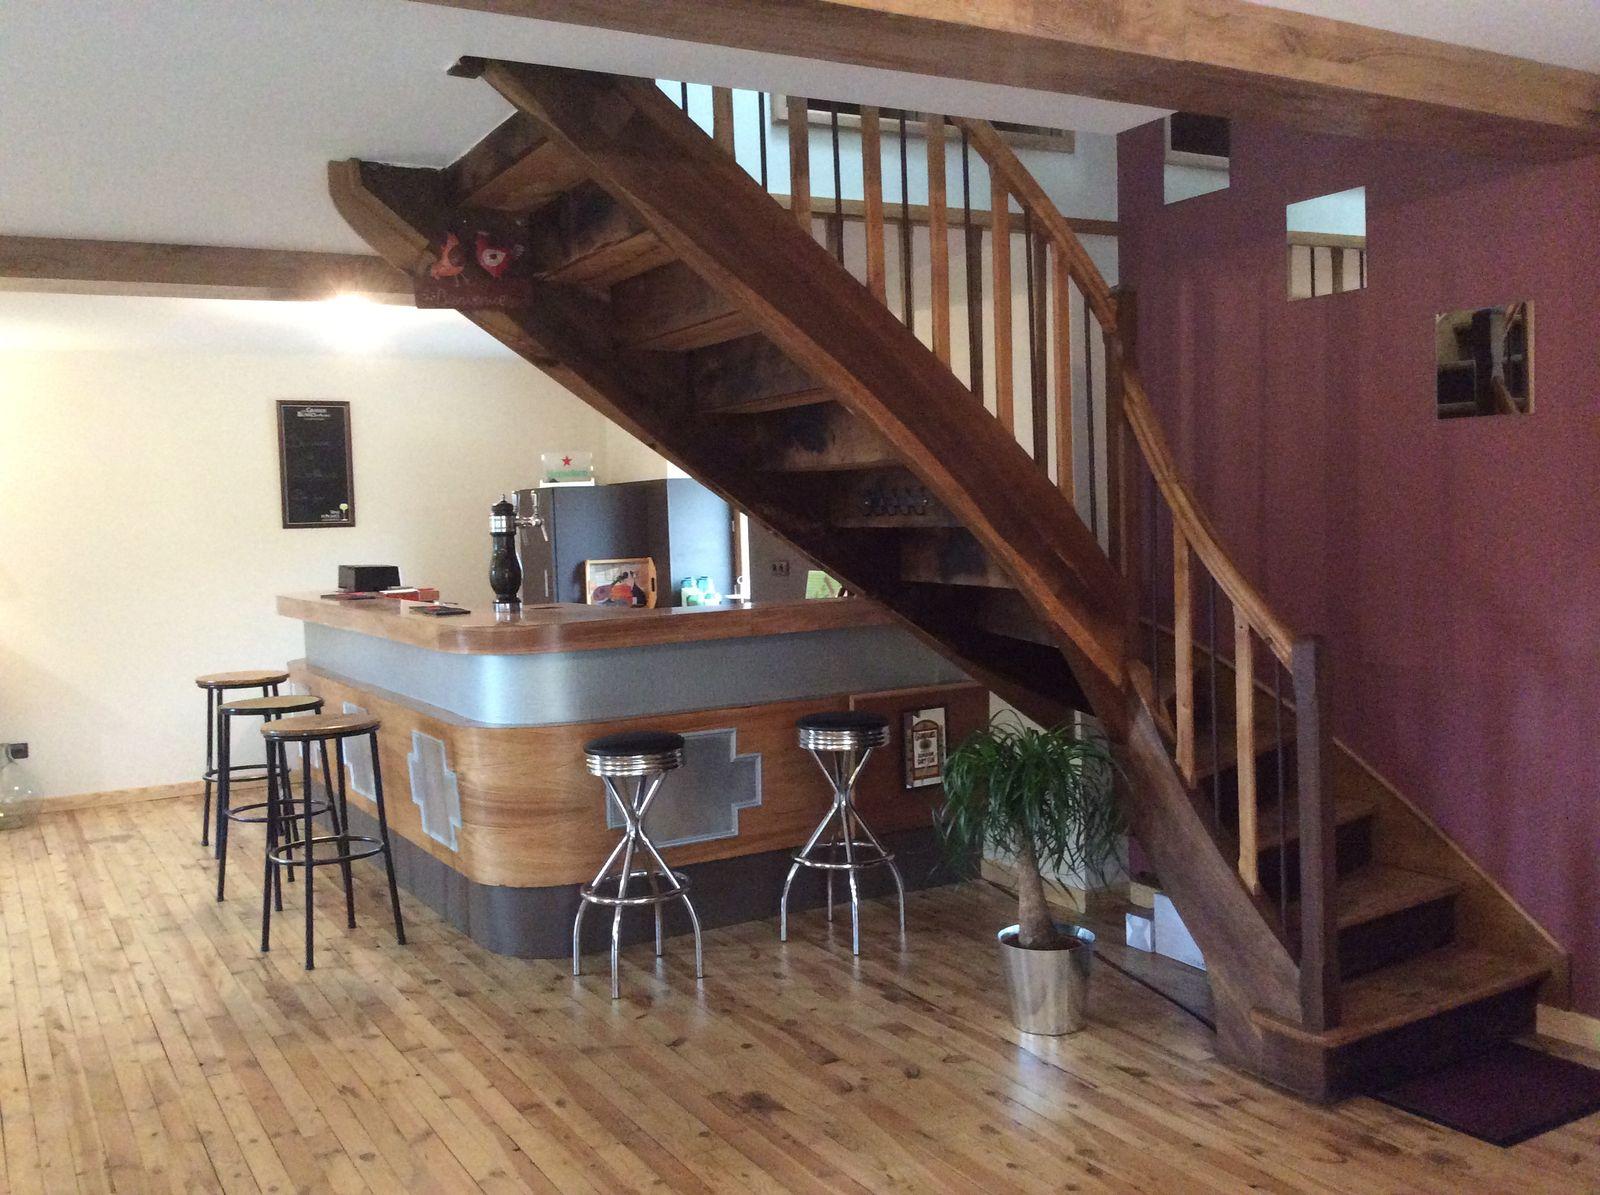 escalier pour monter aux chambres